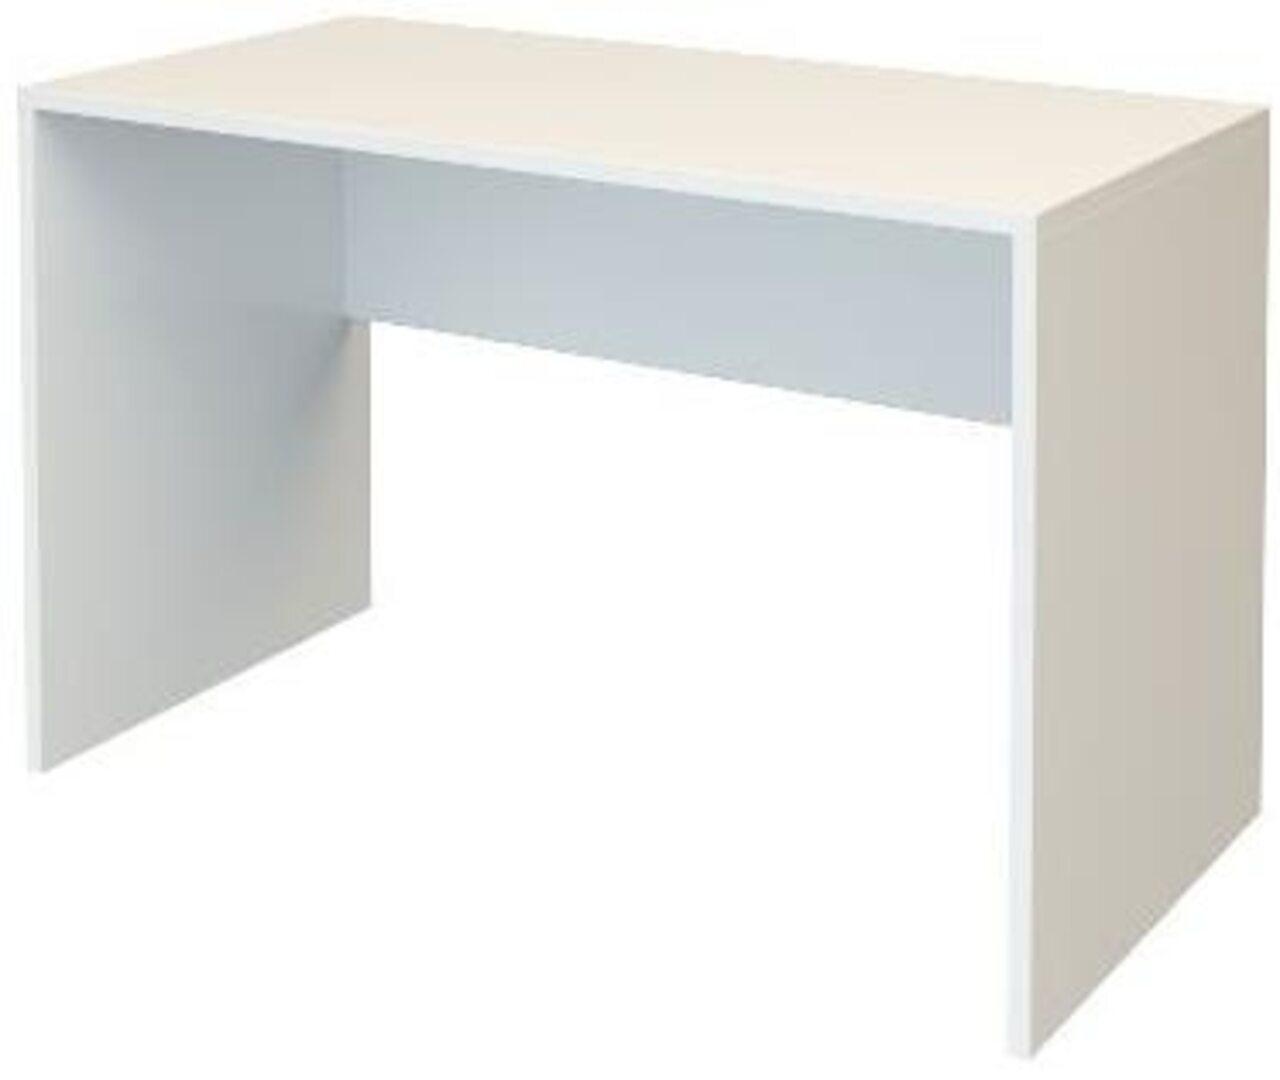 Стол рабочий  Арго 120x60x76 - фото 5